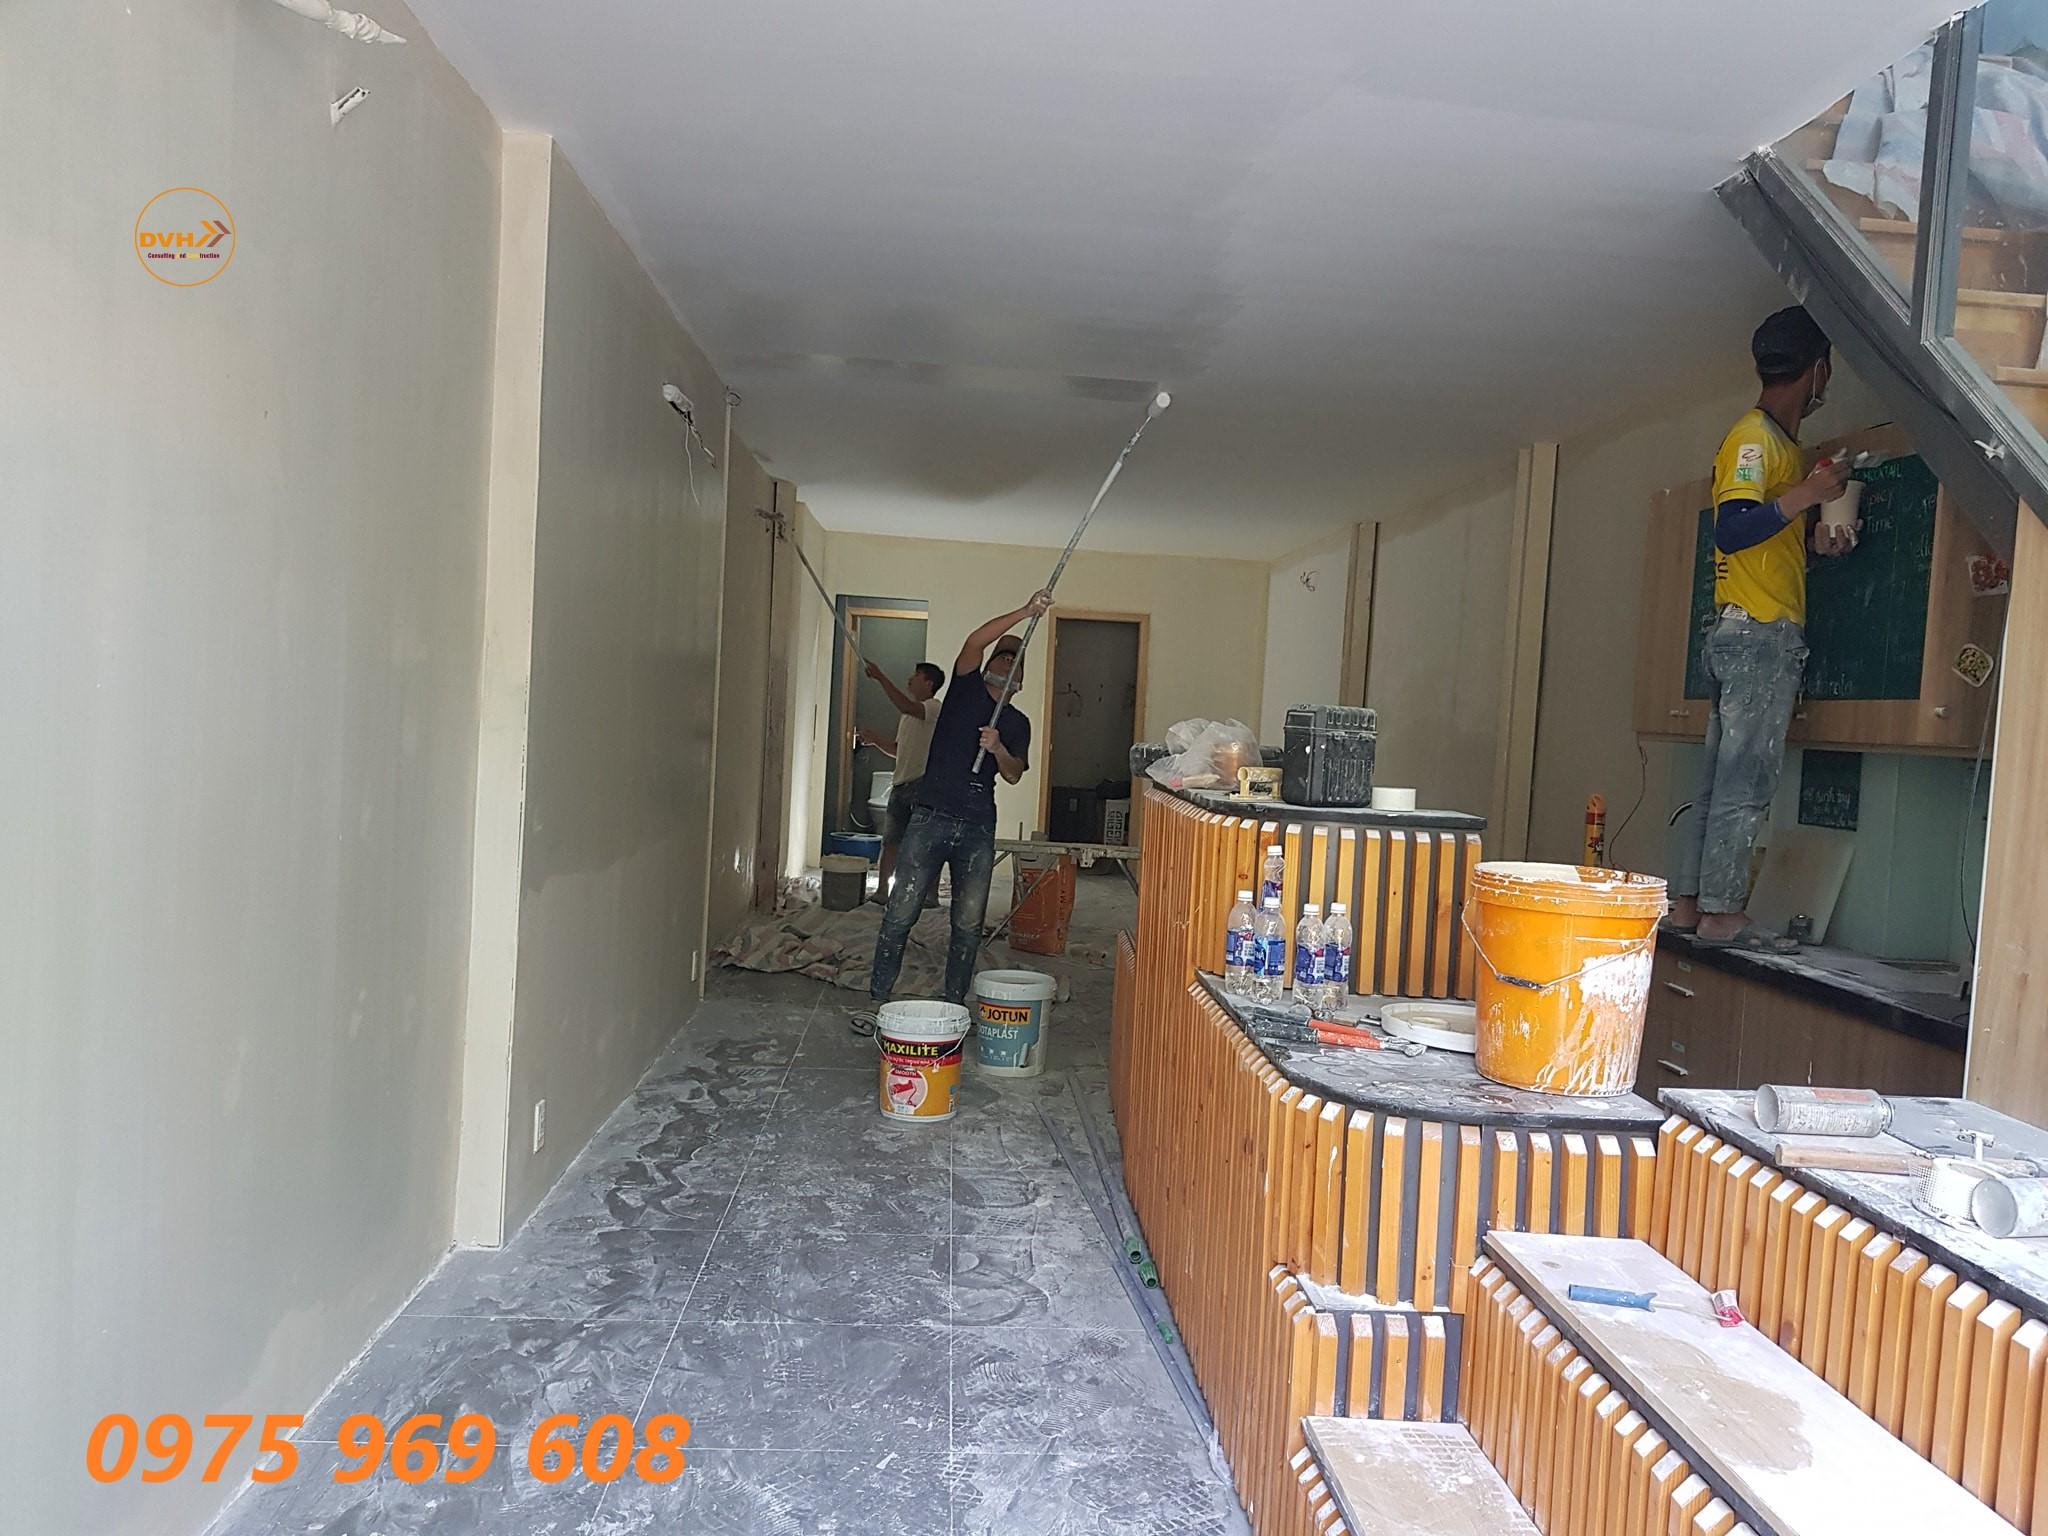 Dịch vụ tư vấn sơn nhà phong thuỷ, đội ngũ sơn nhà chuyên nghiệp chất lượng số 1 tại tphcm